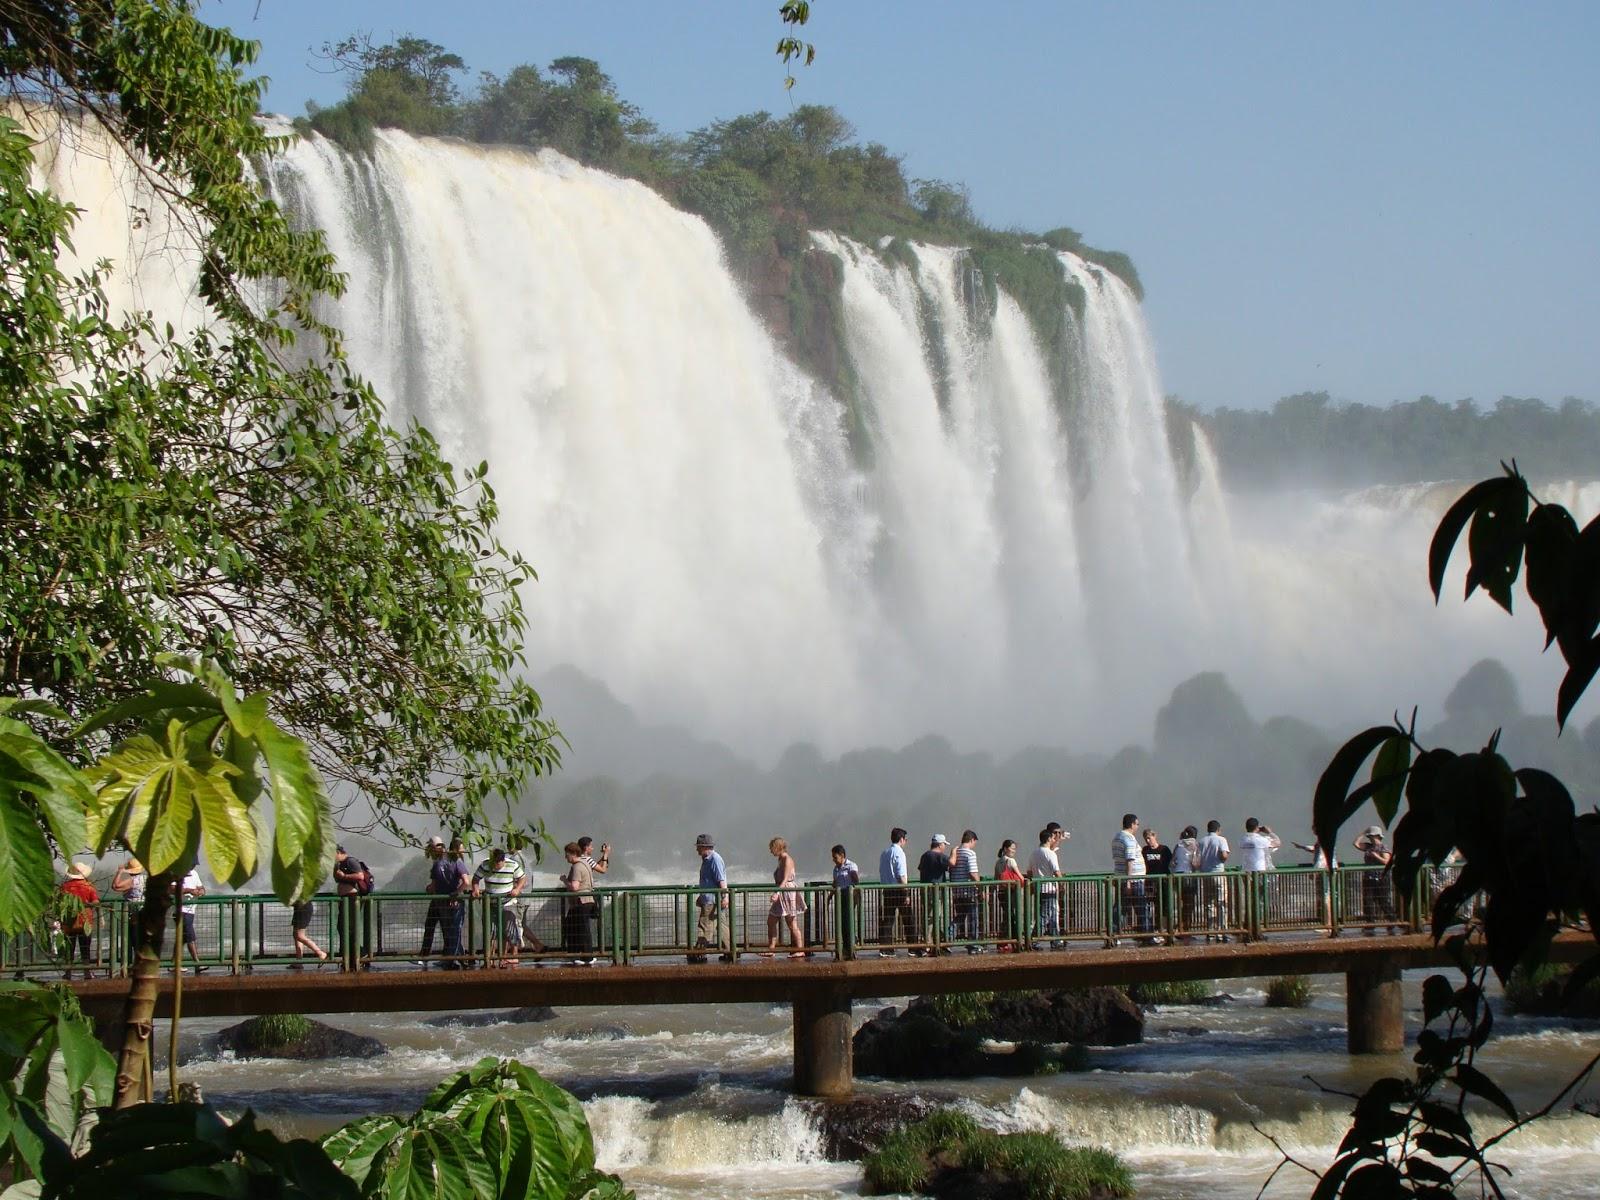 Cataratas do Iguaçu - BR